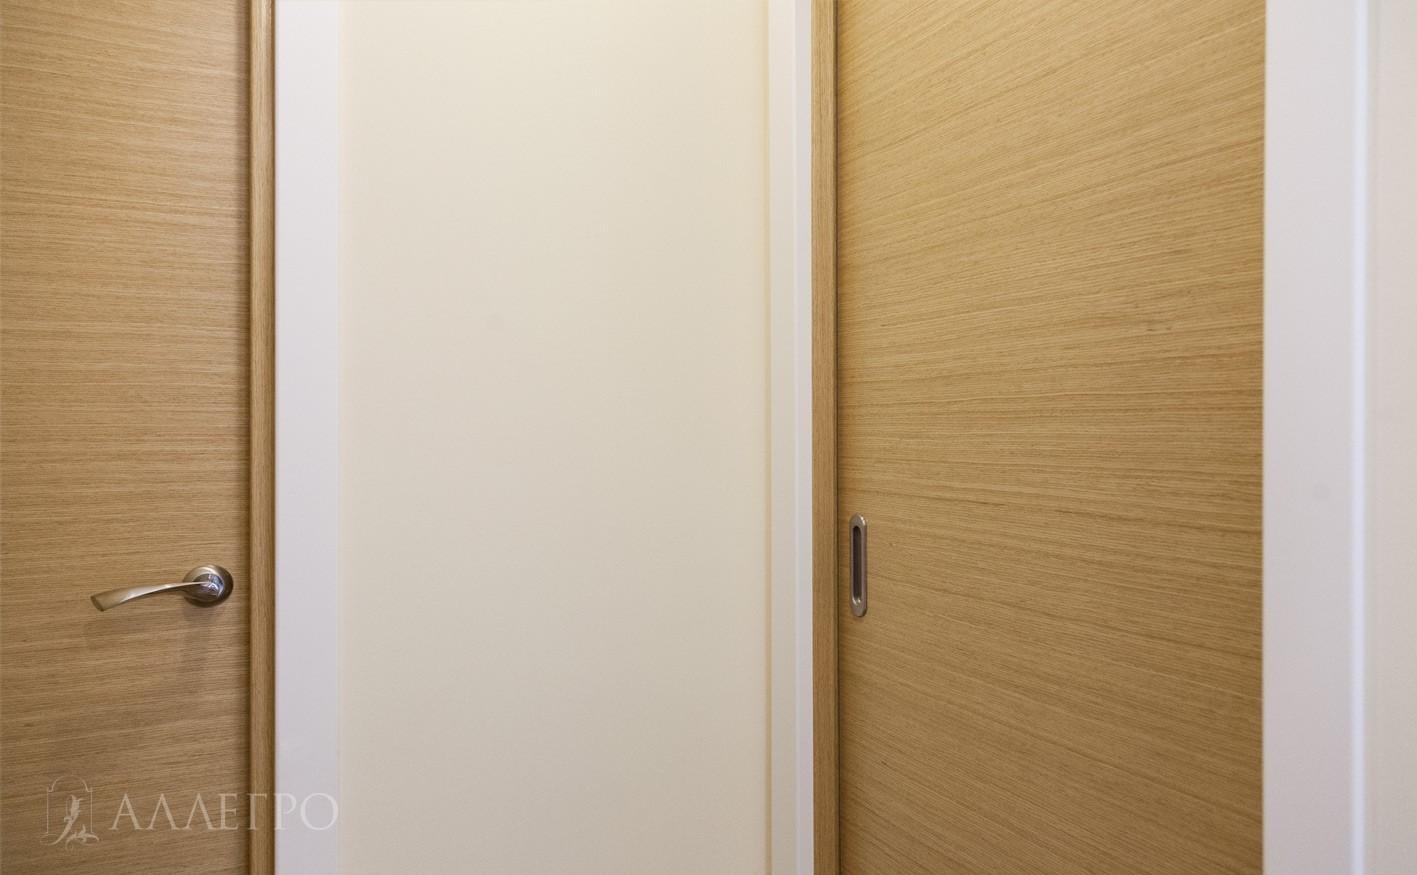 Двери обрамлены белыми наличниками